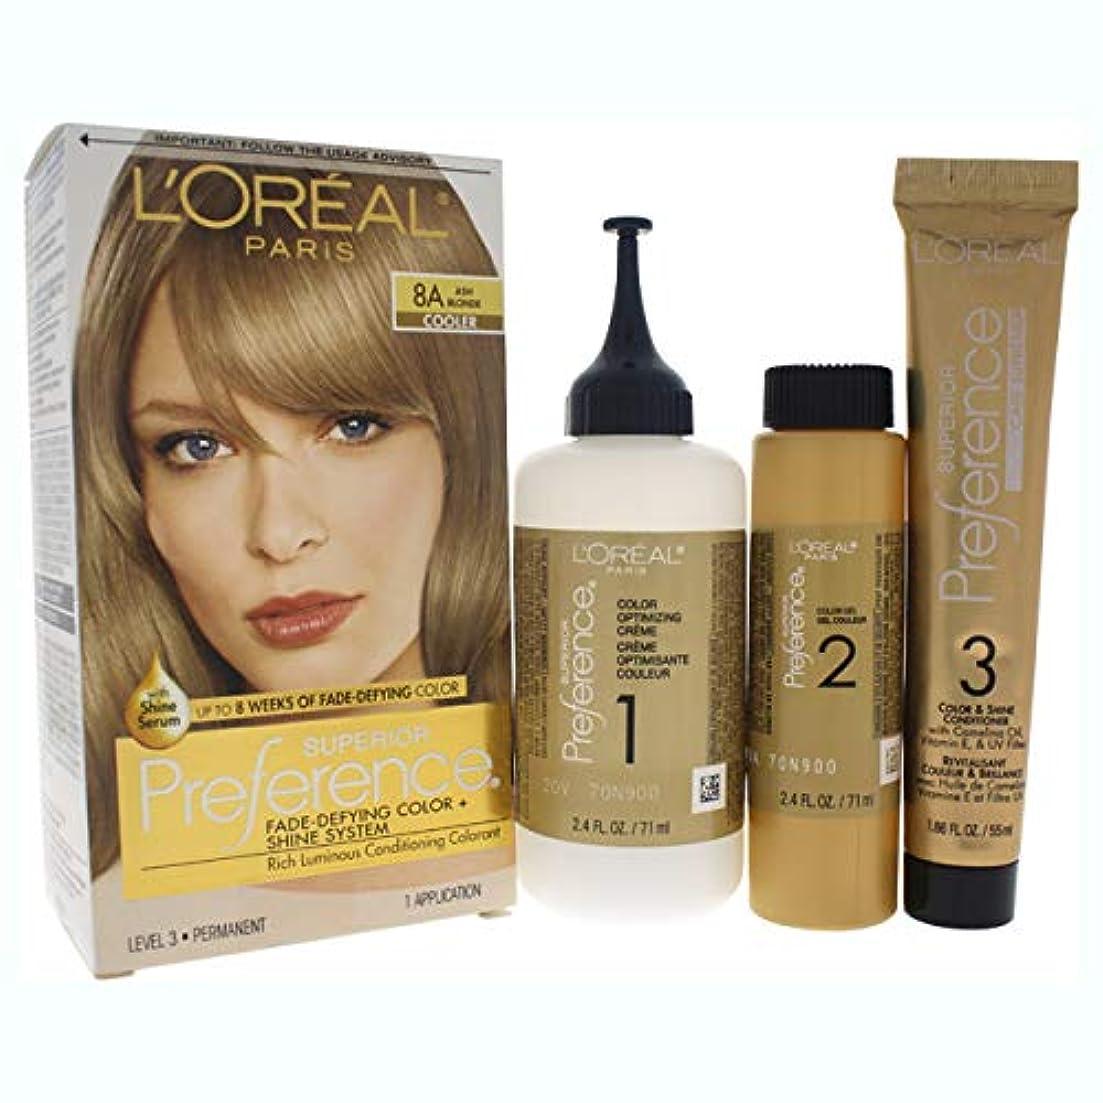 パラダイス大臣ファイバL'Oreal Paris 県Haircol 8Aサイズ1CTロレアルプリファレンスヘアカラーアッシュブロンド#8(a)